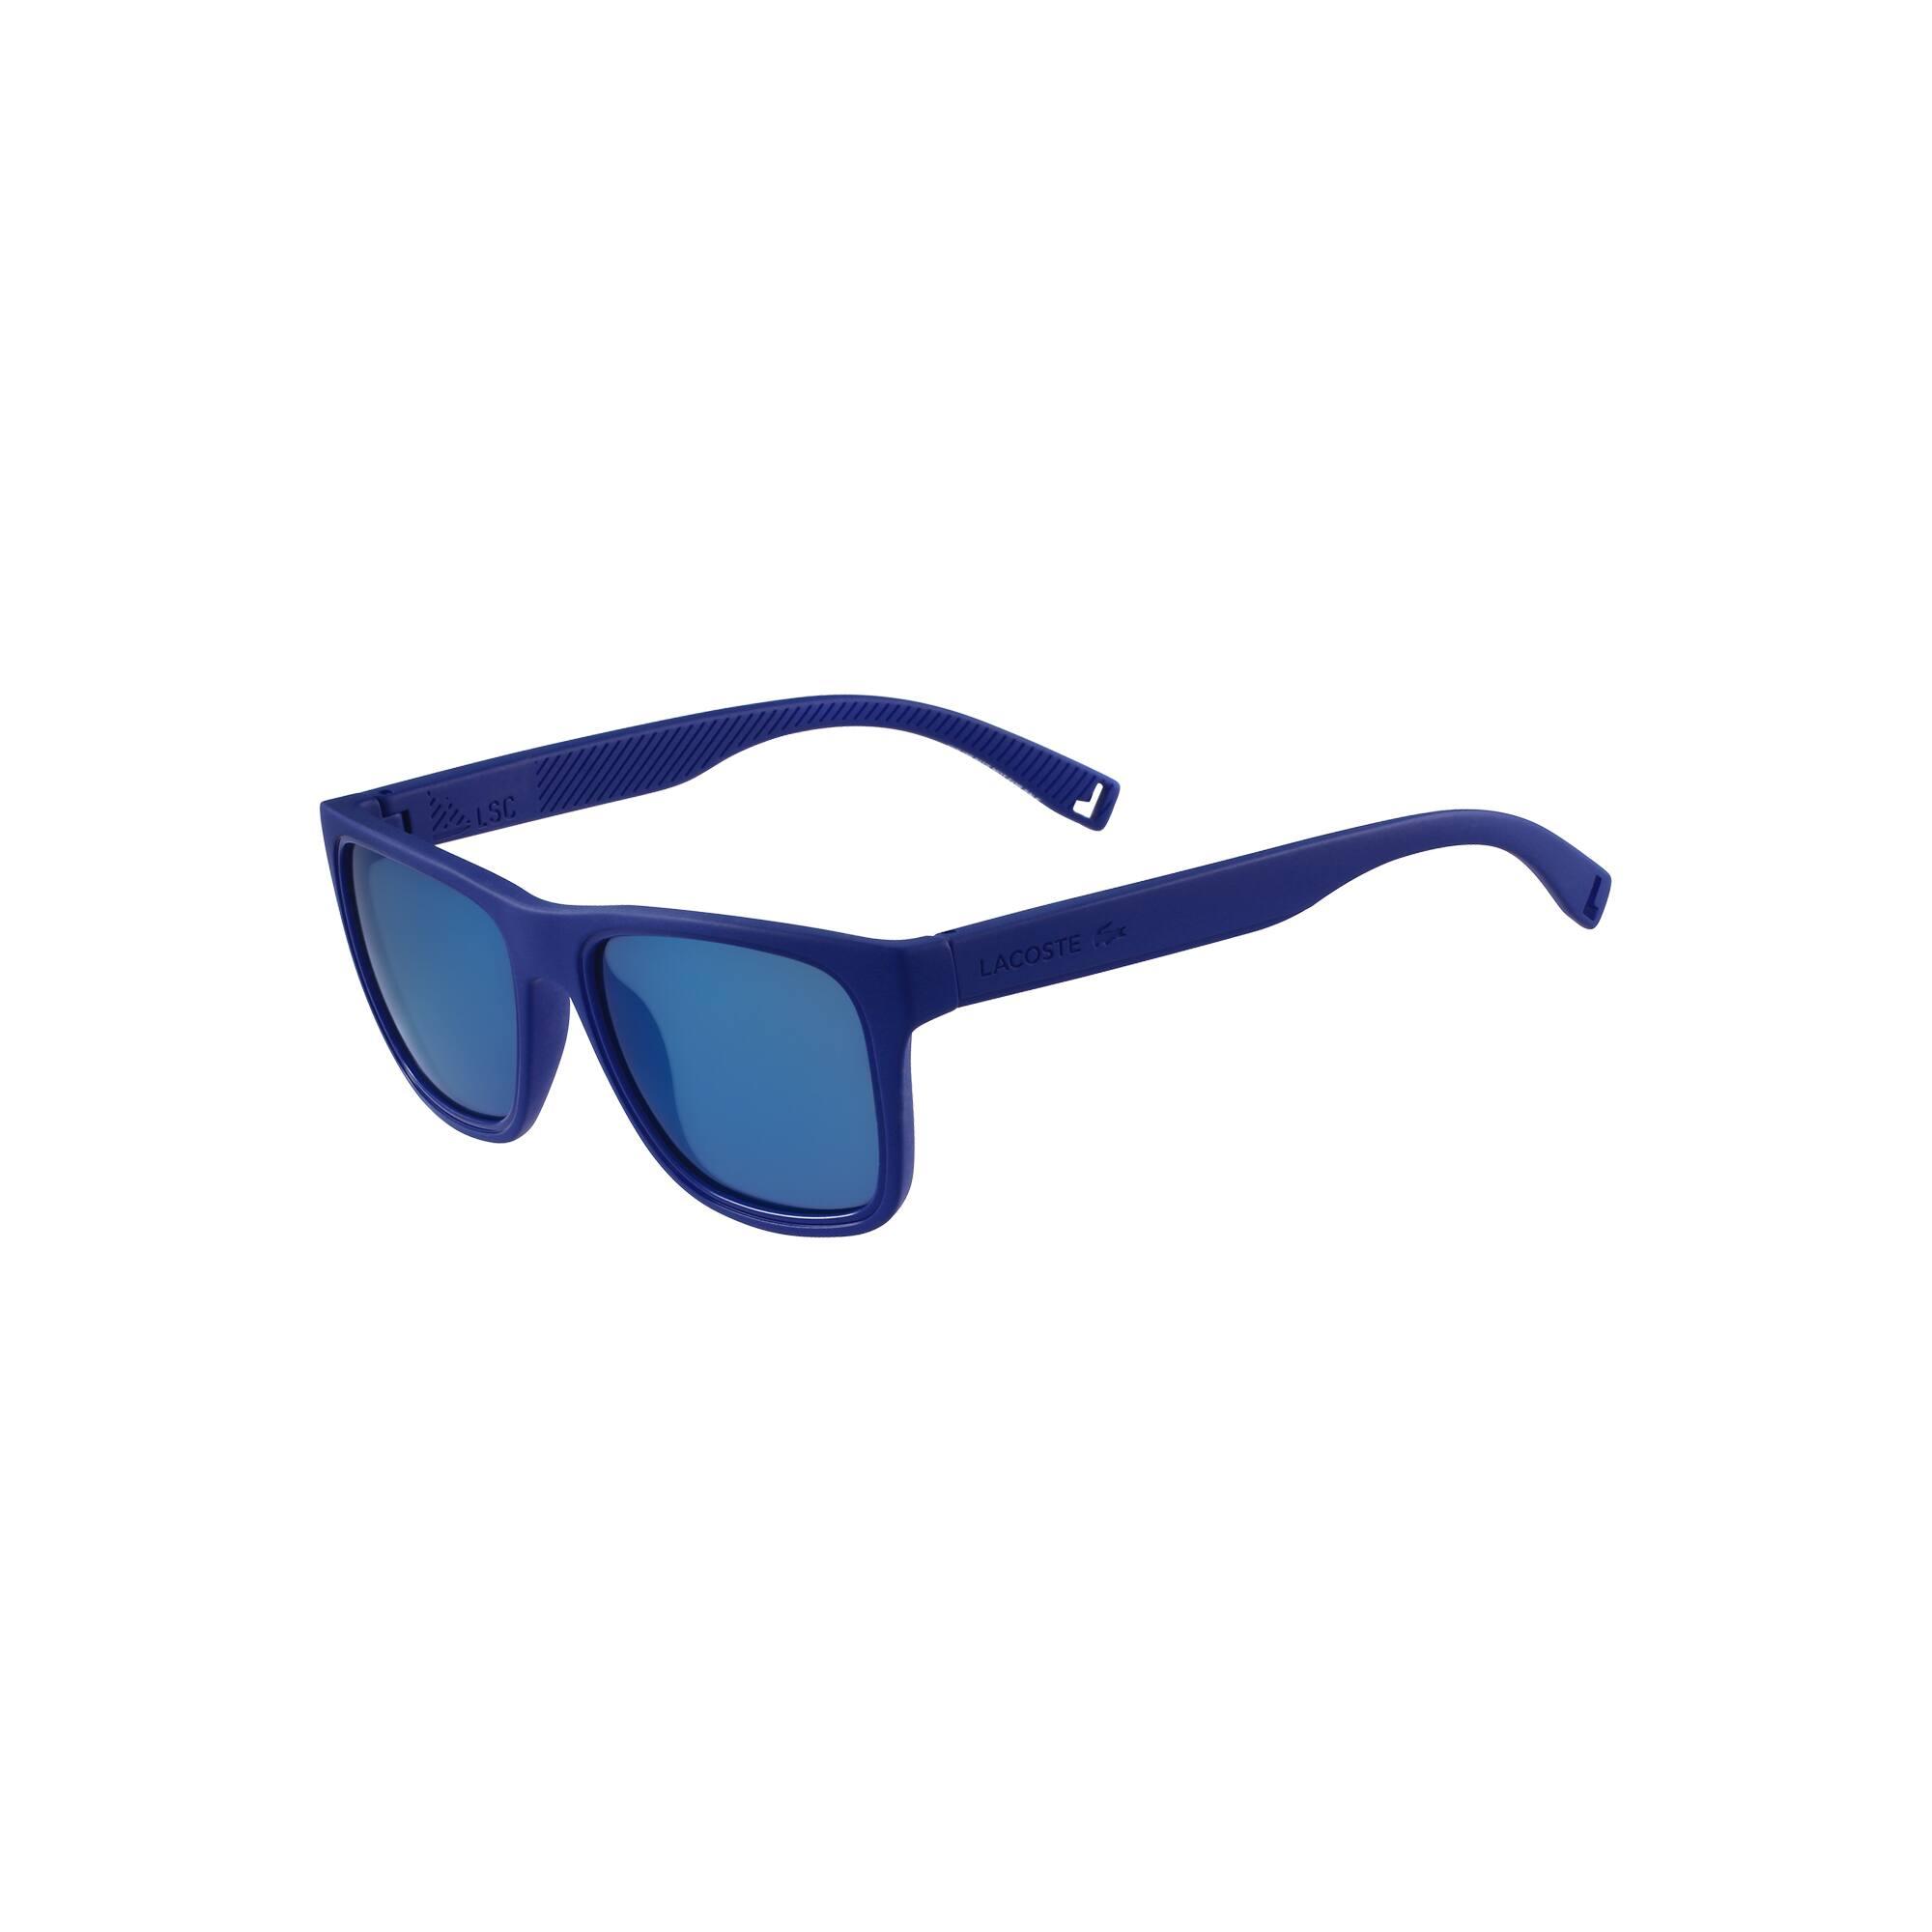 Drijvende color block zonnebril